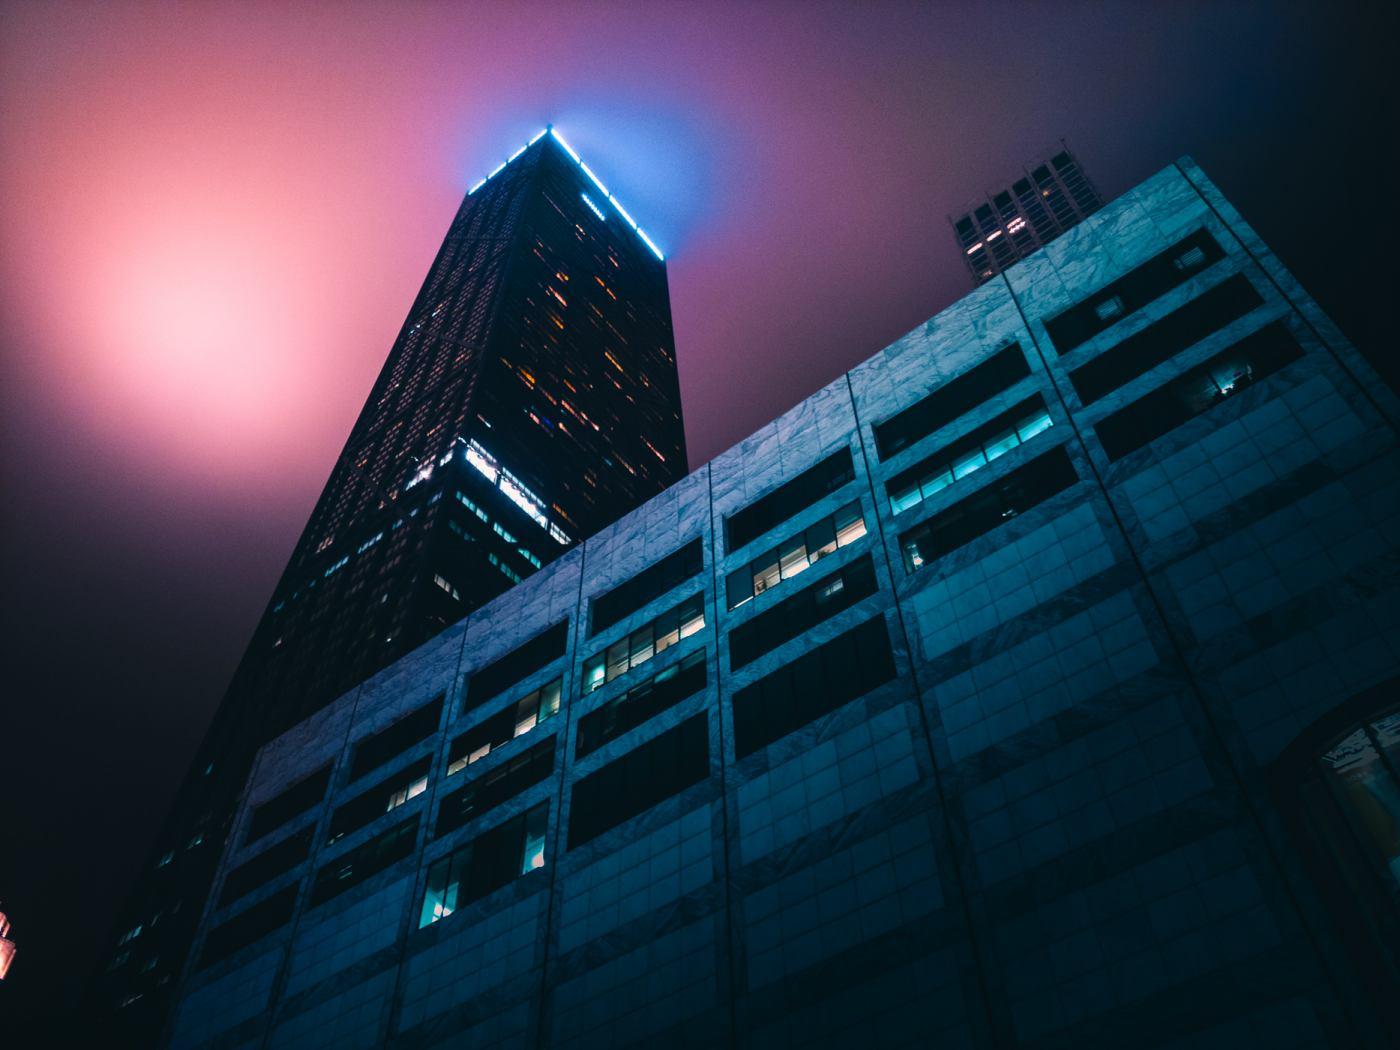 Hancock Tower, Chicago. LG V30. 15s, f/1.6, ISO 50